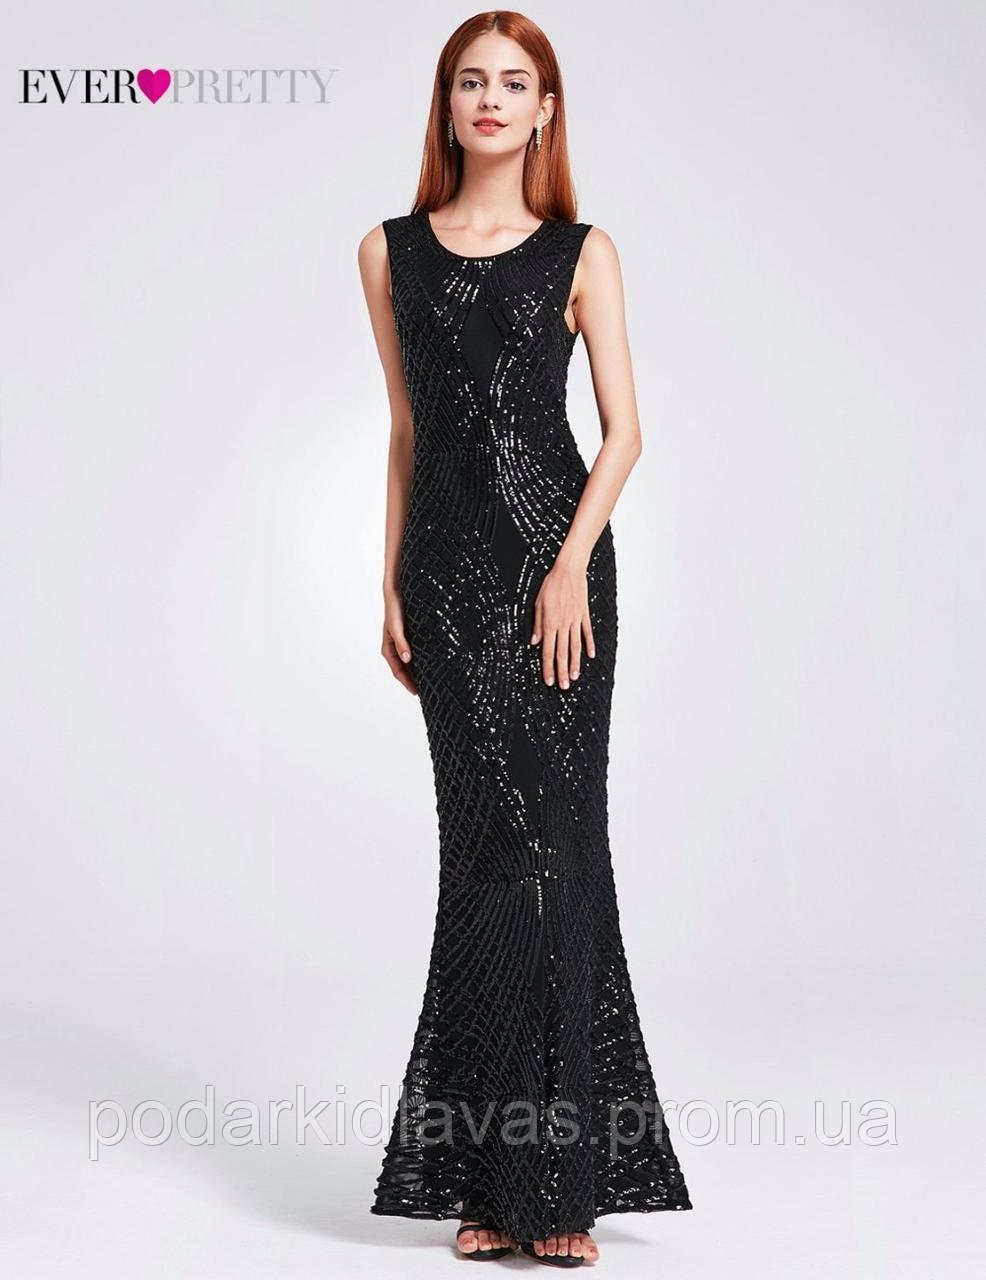 Платье вечернее сияющее длинное в пайетках  42-44